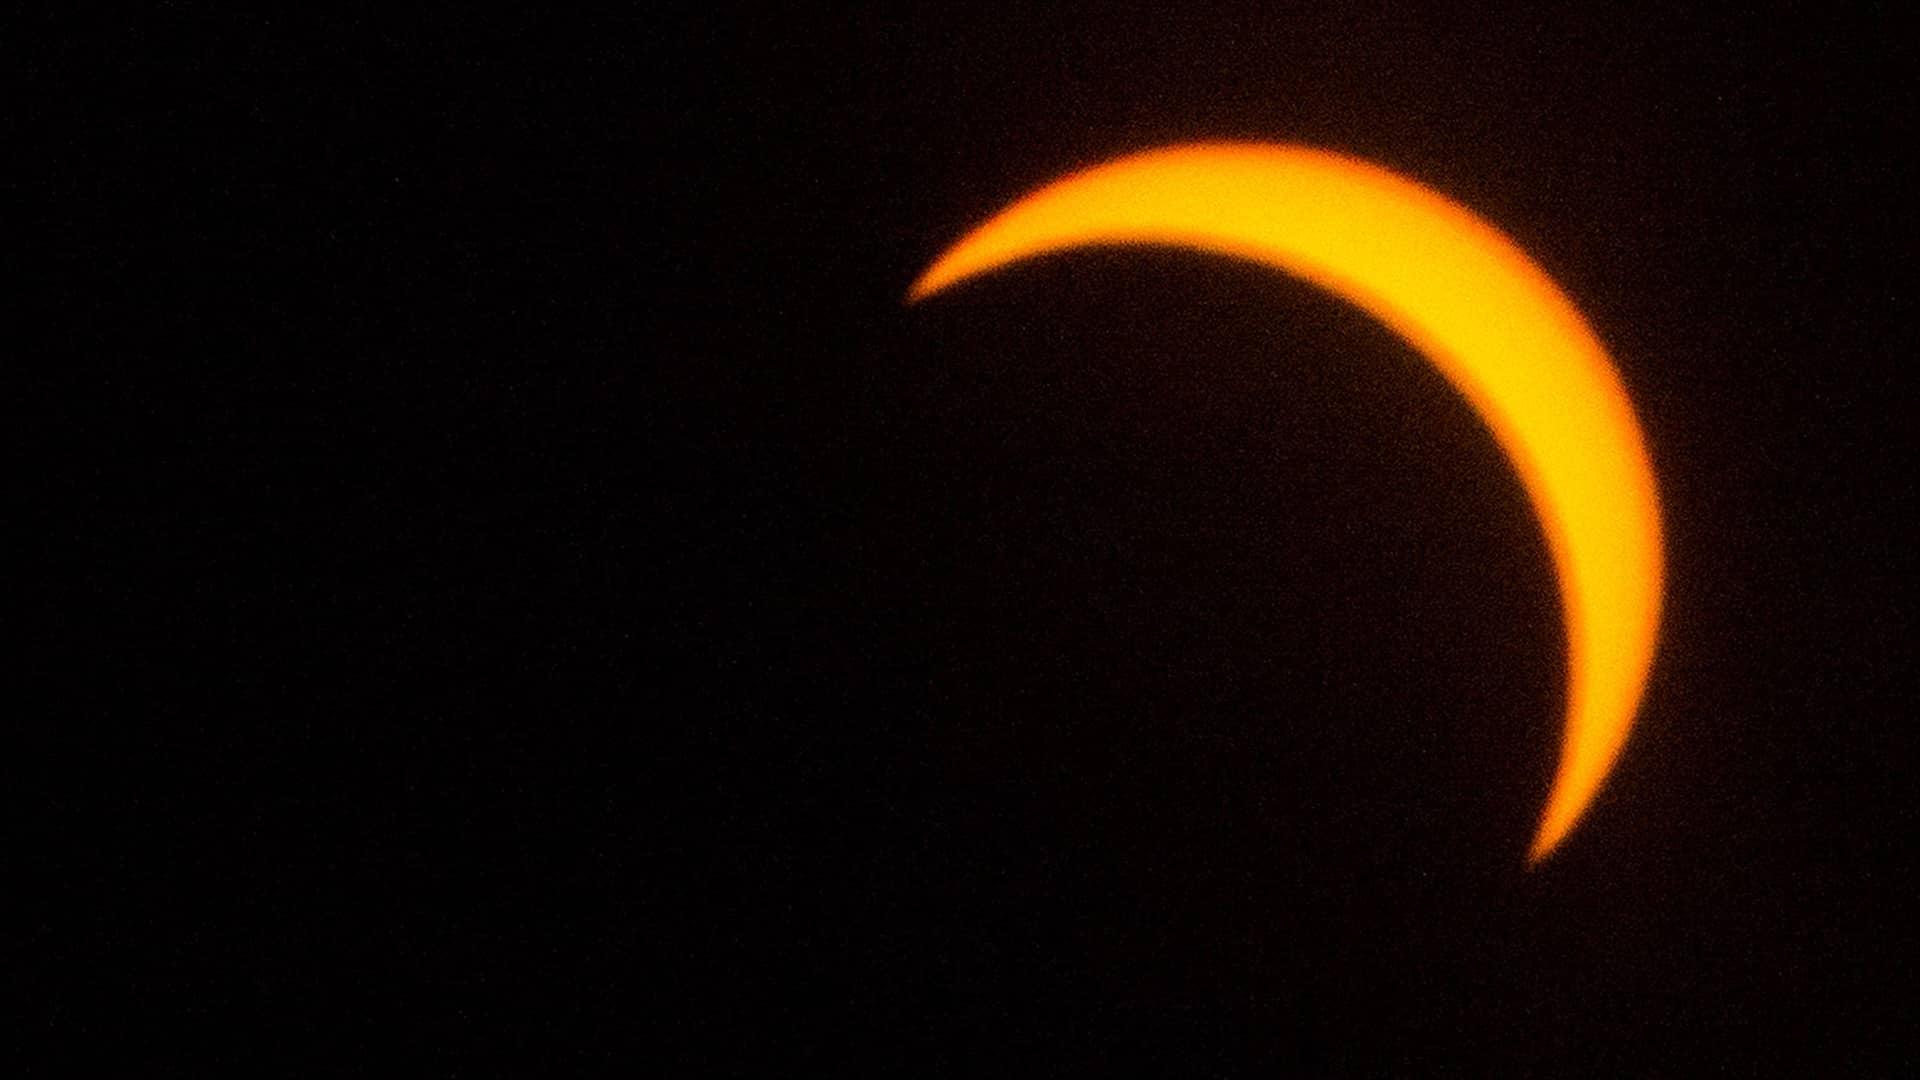 Cuáles son los riesgos de mirar directamente el eclipse